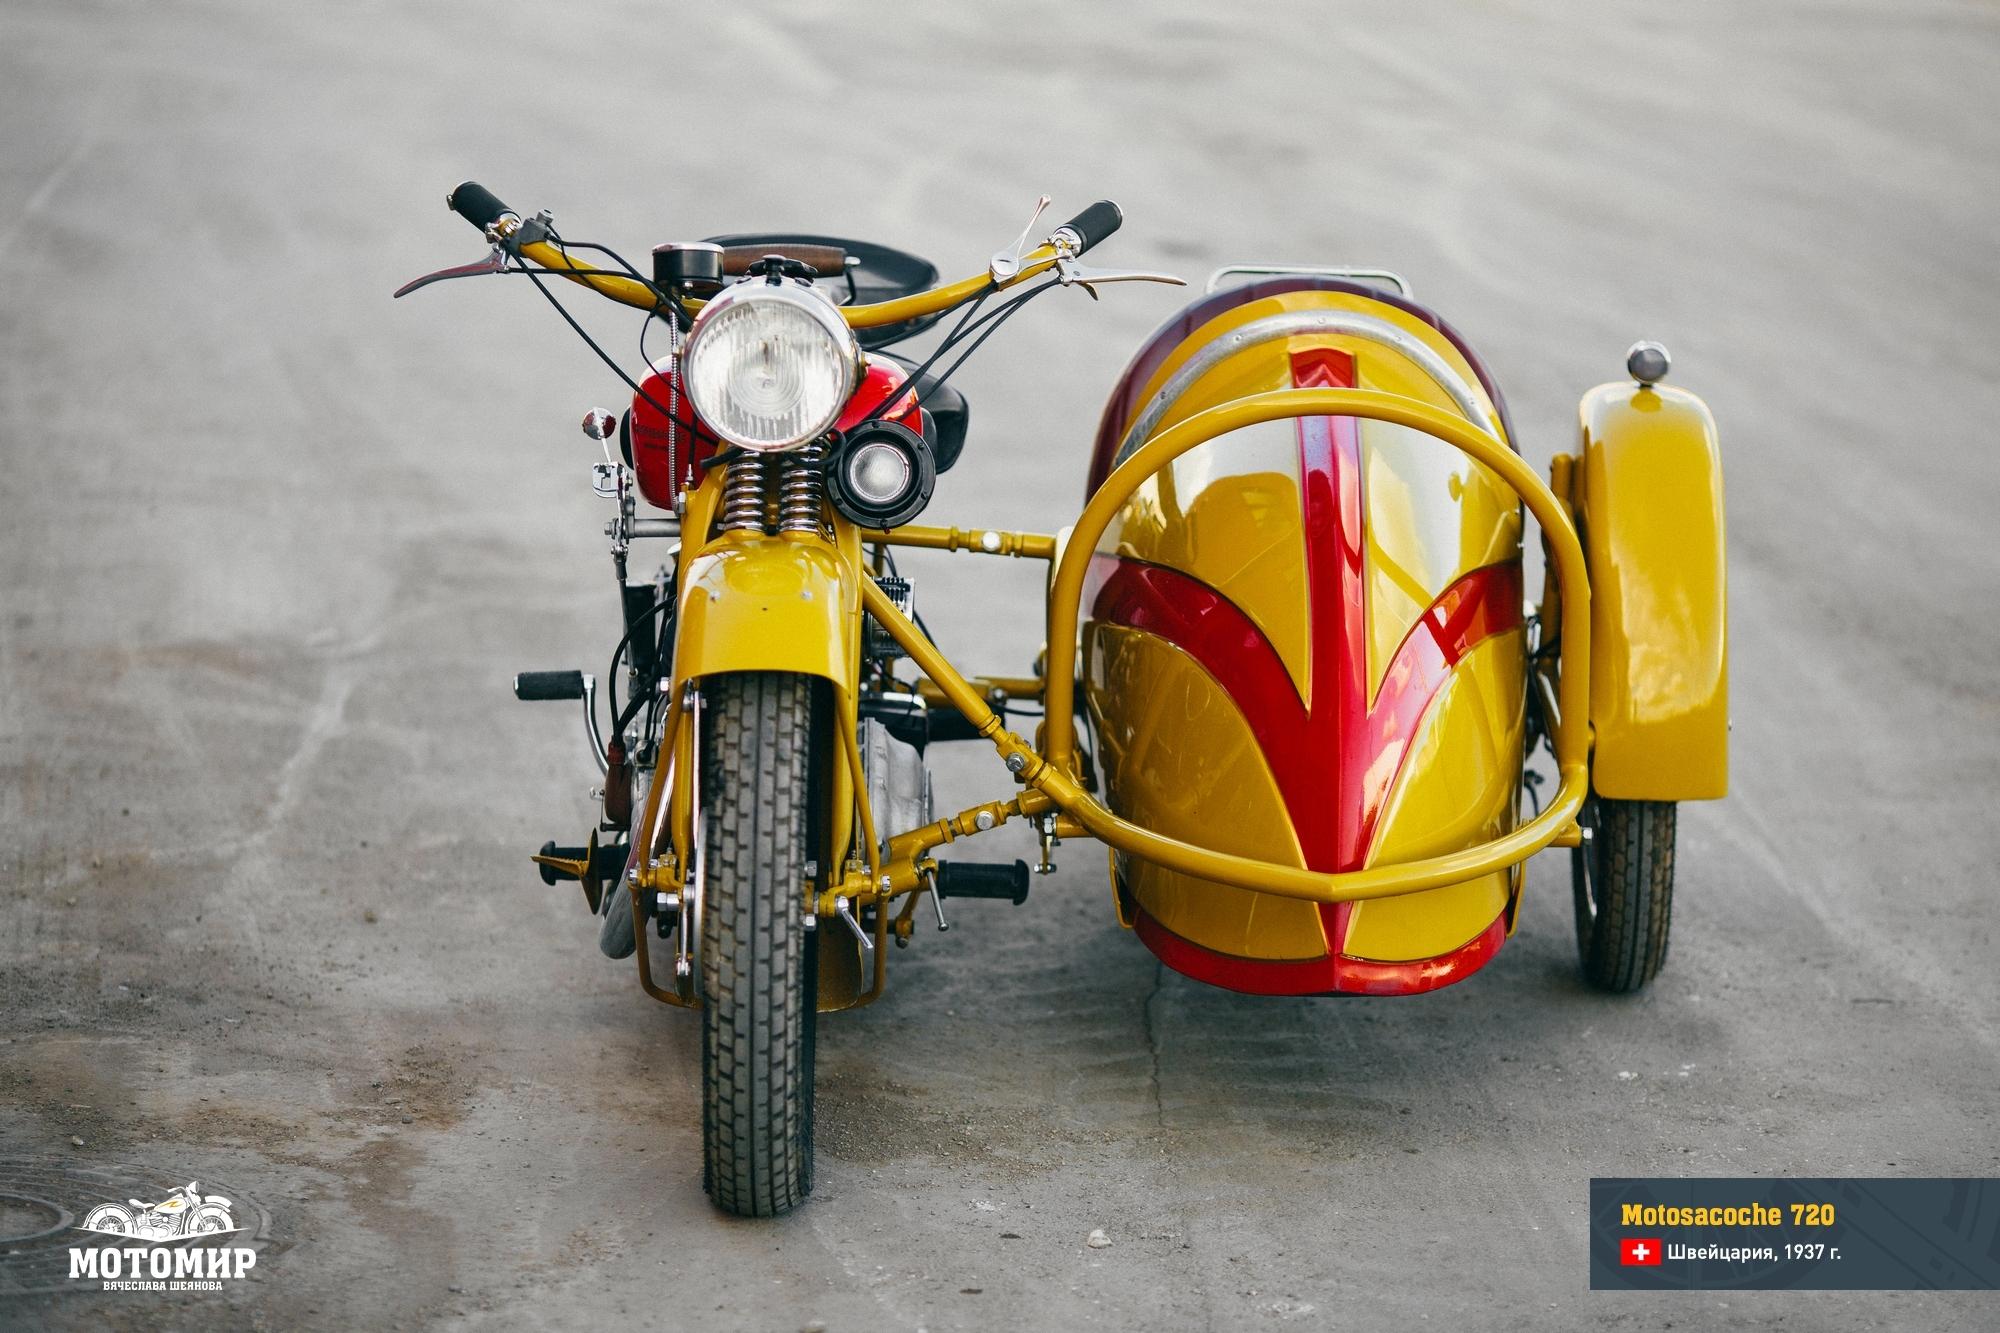 motosacoche-720-201510-web-02